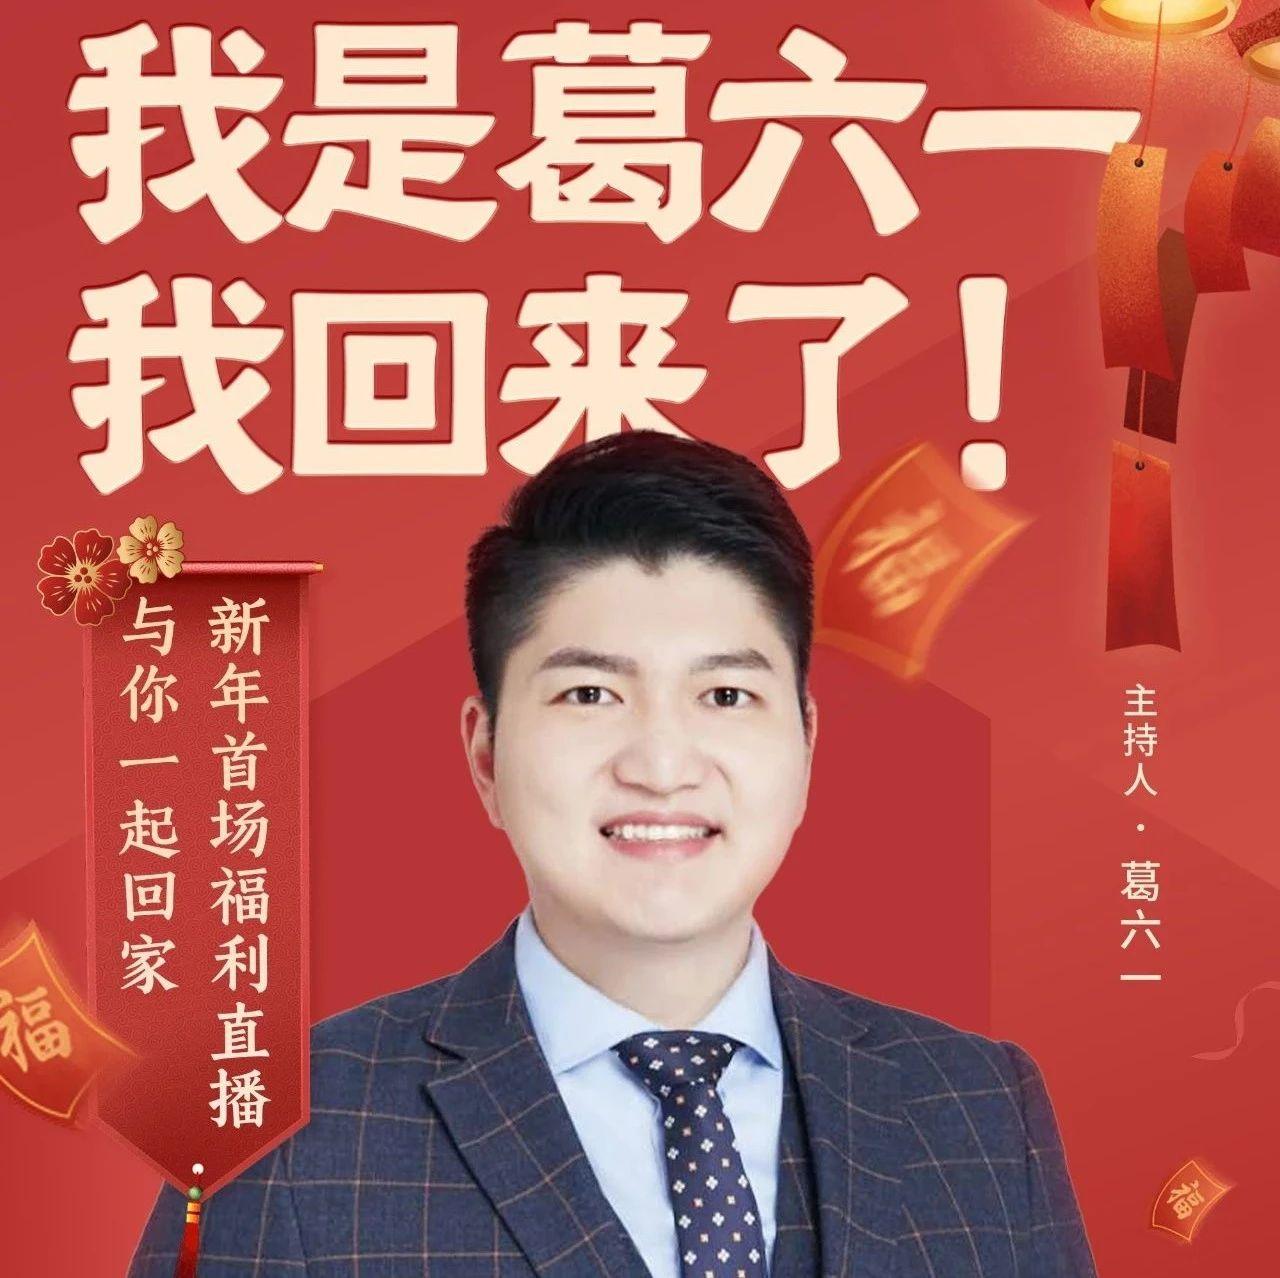 杭州之声主持人、快手200万粉主播葛六一回来了!